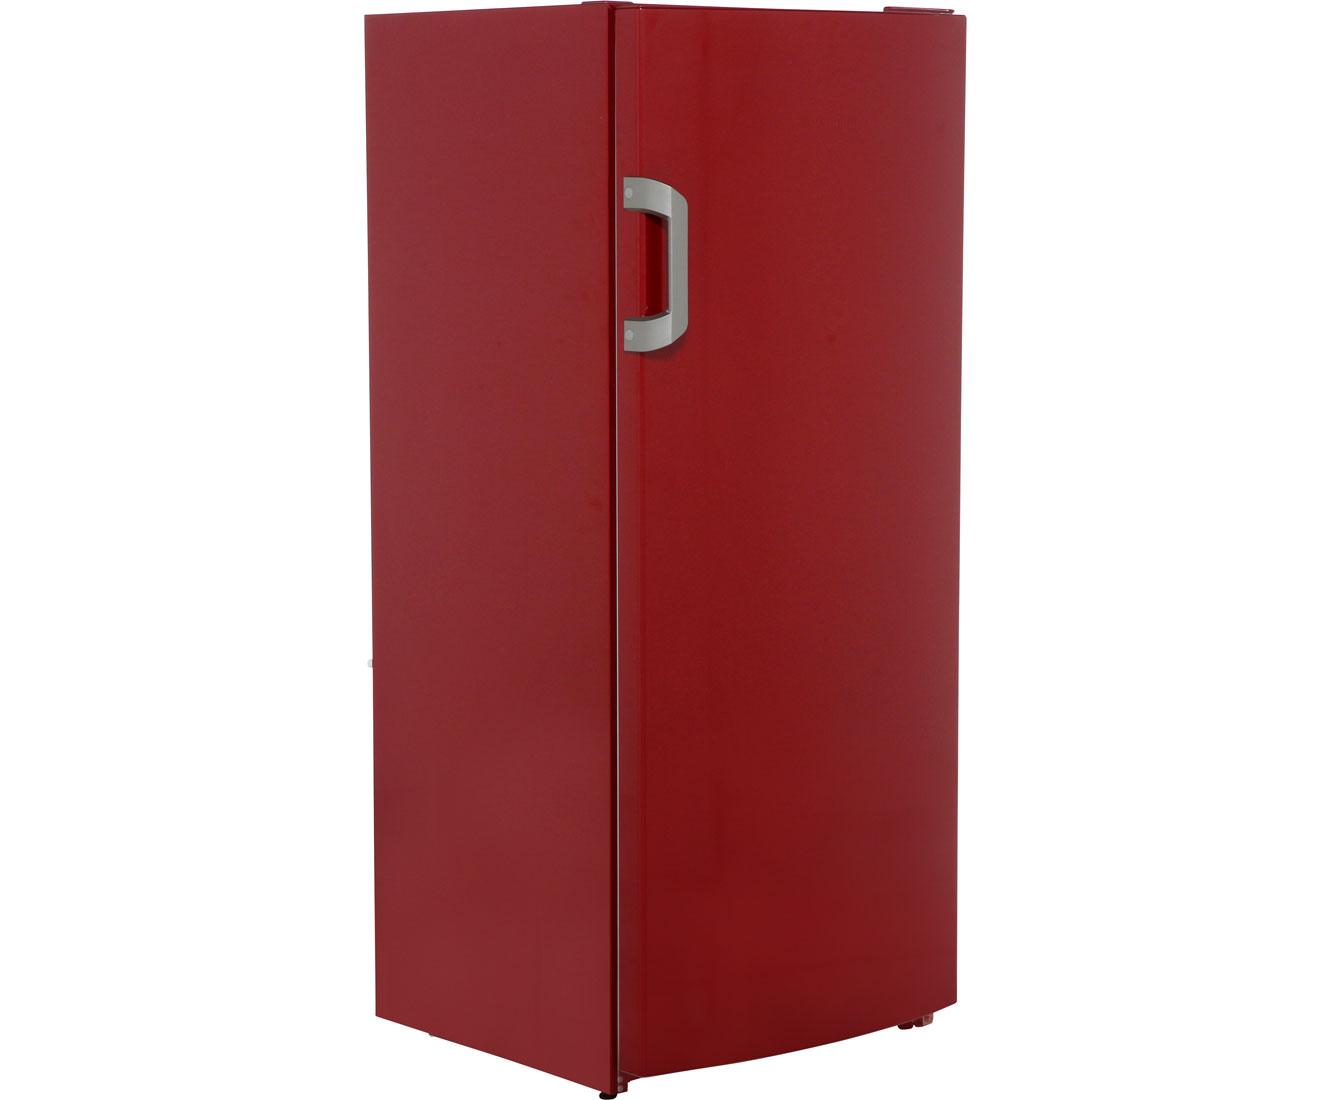 Gorenje Kühlschrank Ohne Gefrierfach : Gorenje r brd kühlschrank rot a